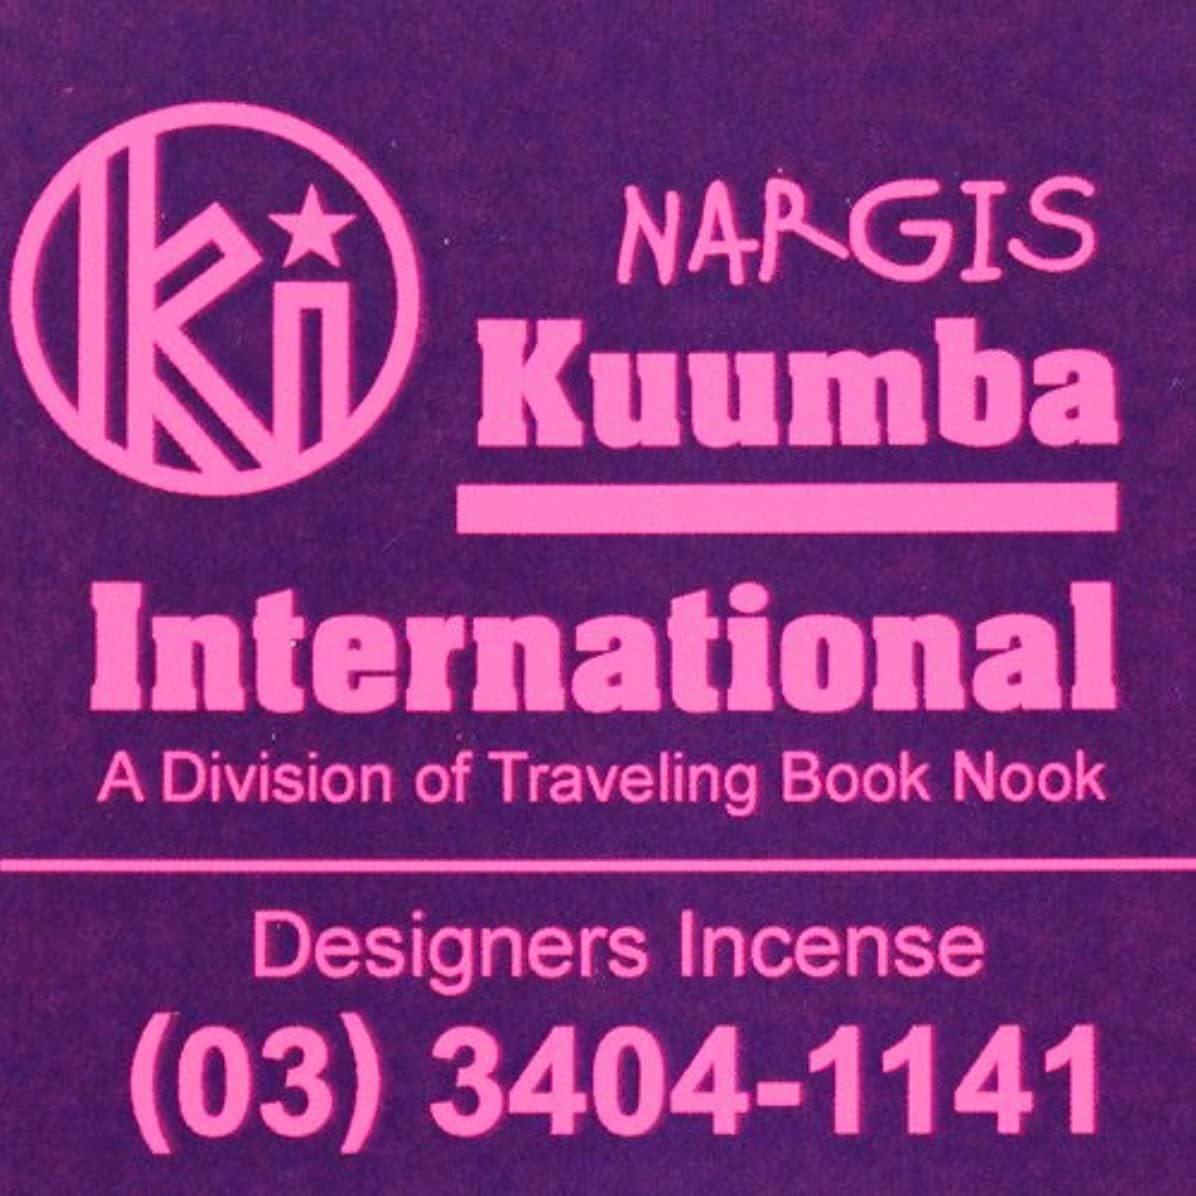 アナリストうそつきナチュラル(クンバ) KUUMBA『classic regular incense』(NARGIS) (Regular size)